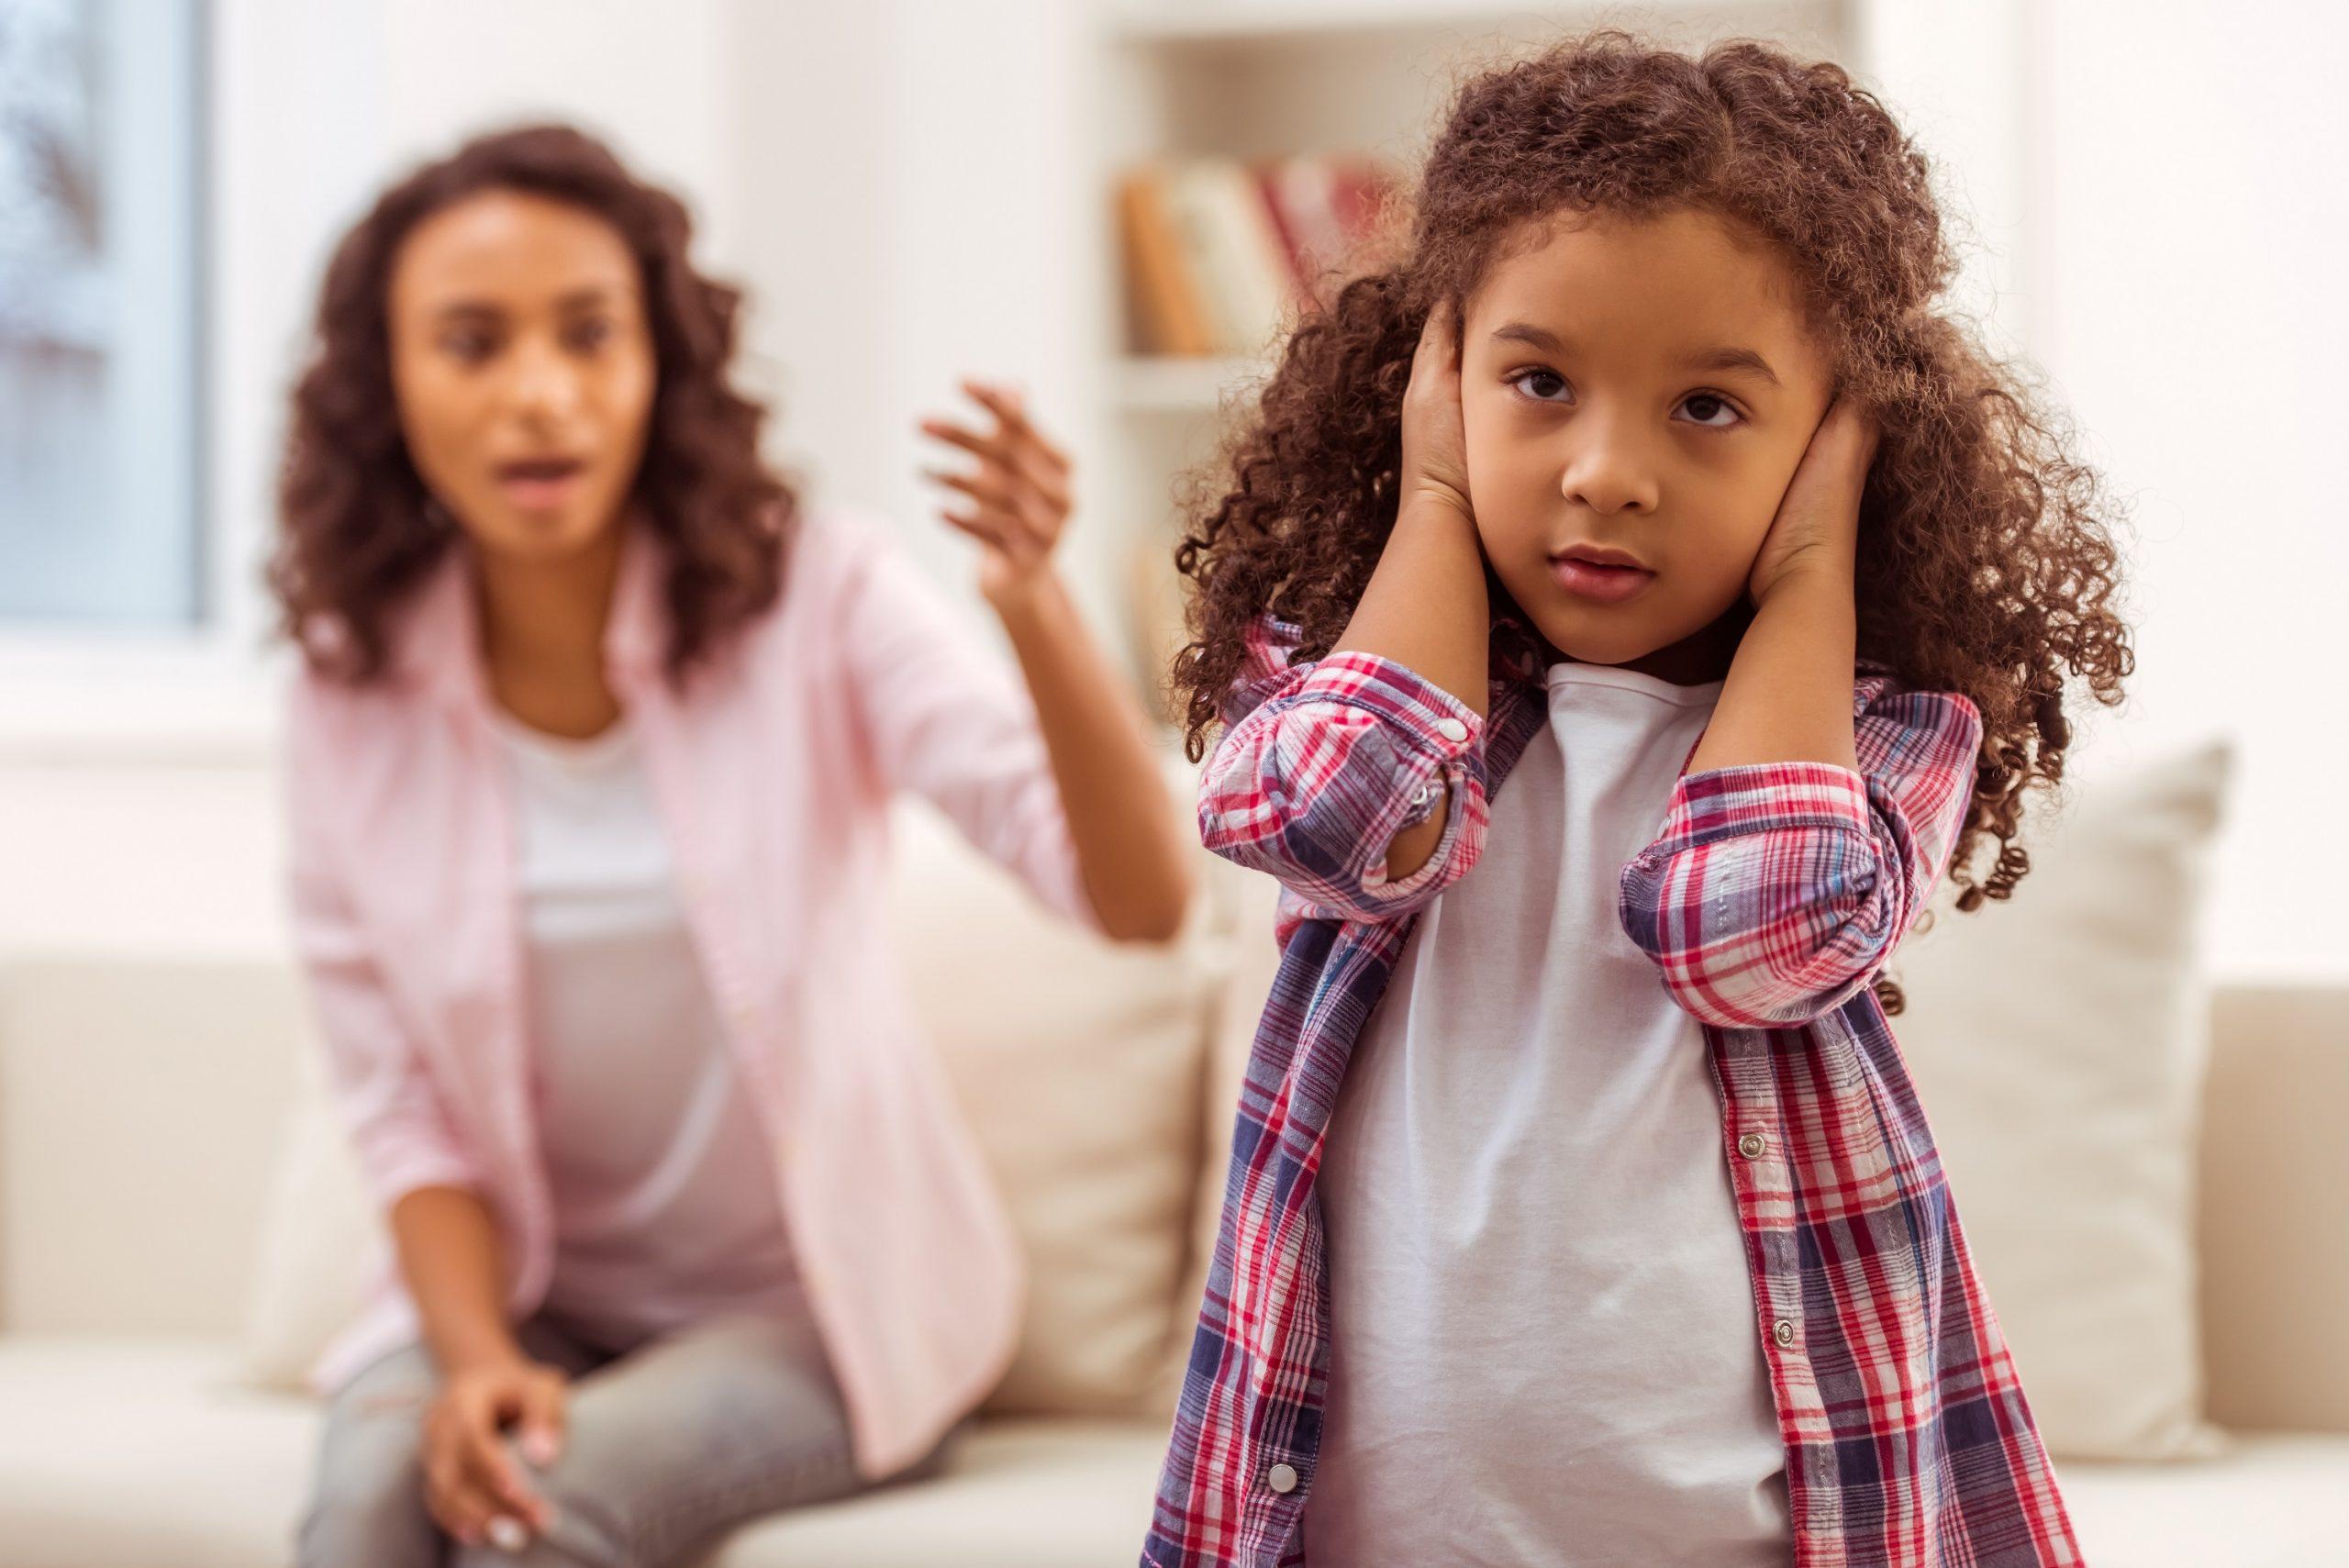 ebeveynlerin hataları